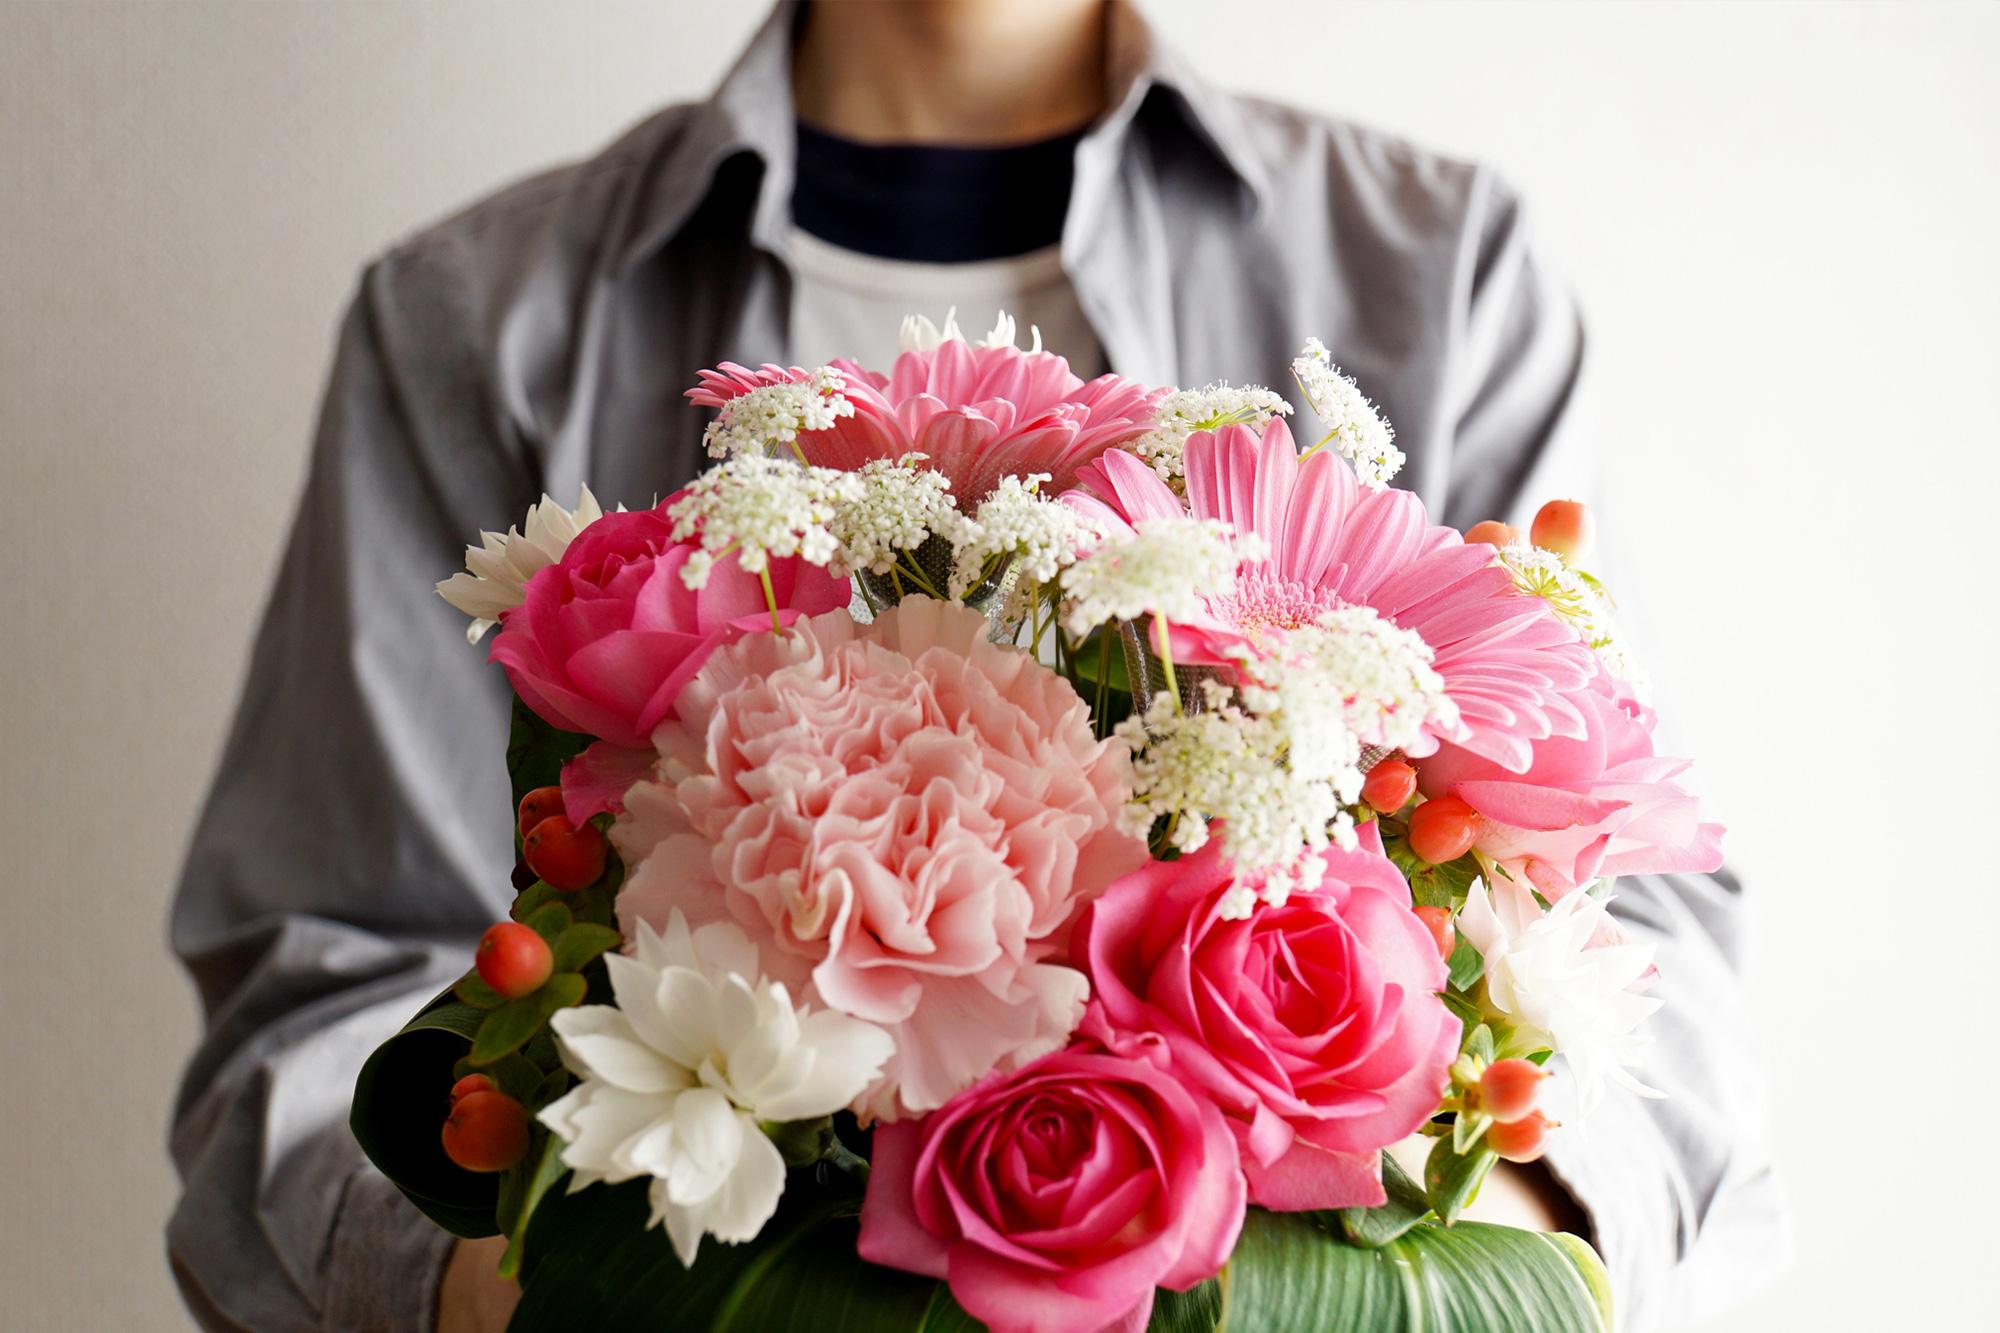 女性をキュン♡とさせる花束の正しい持ち方と渡し方